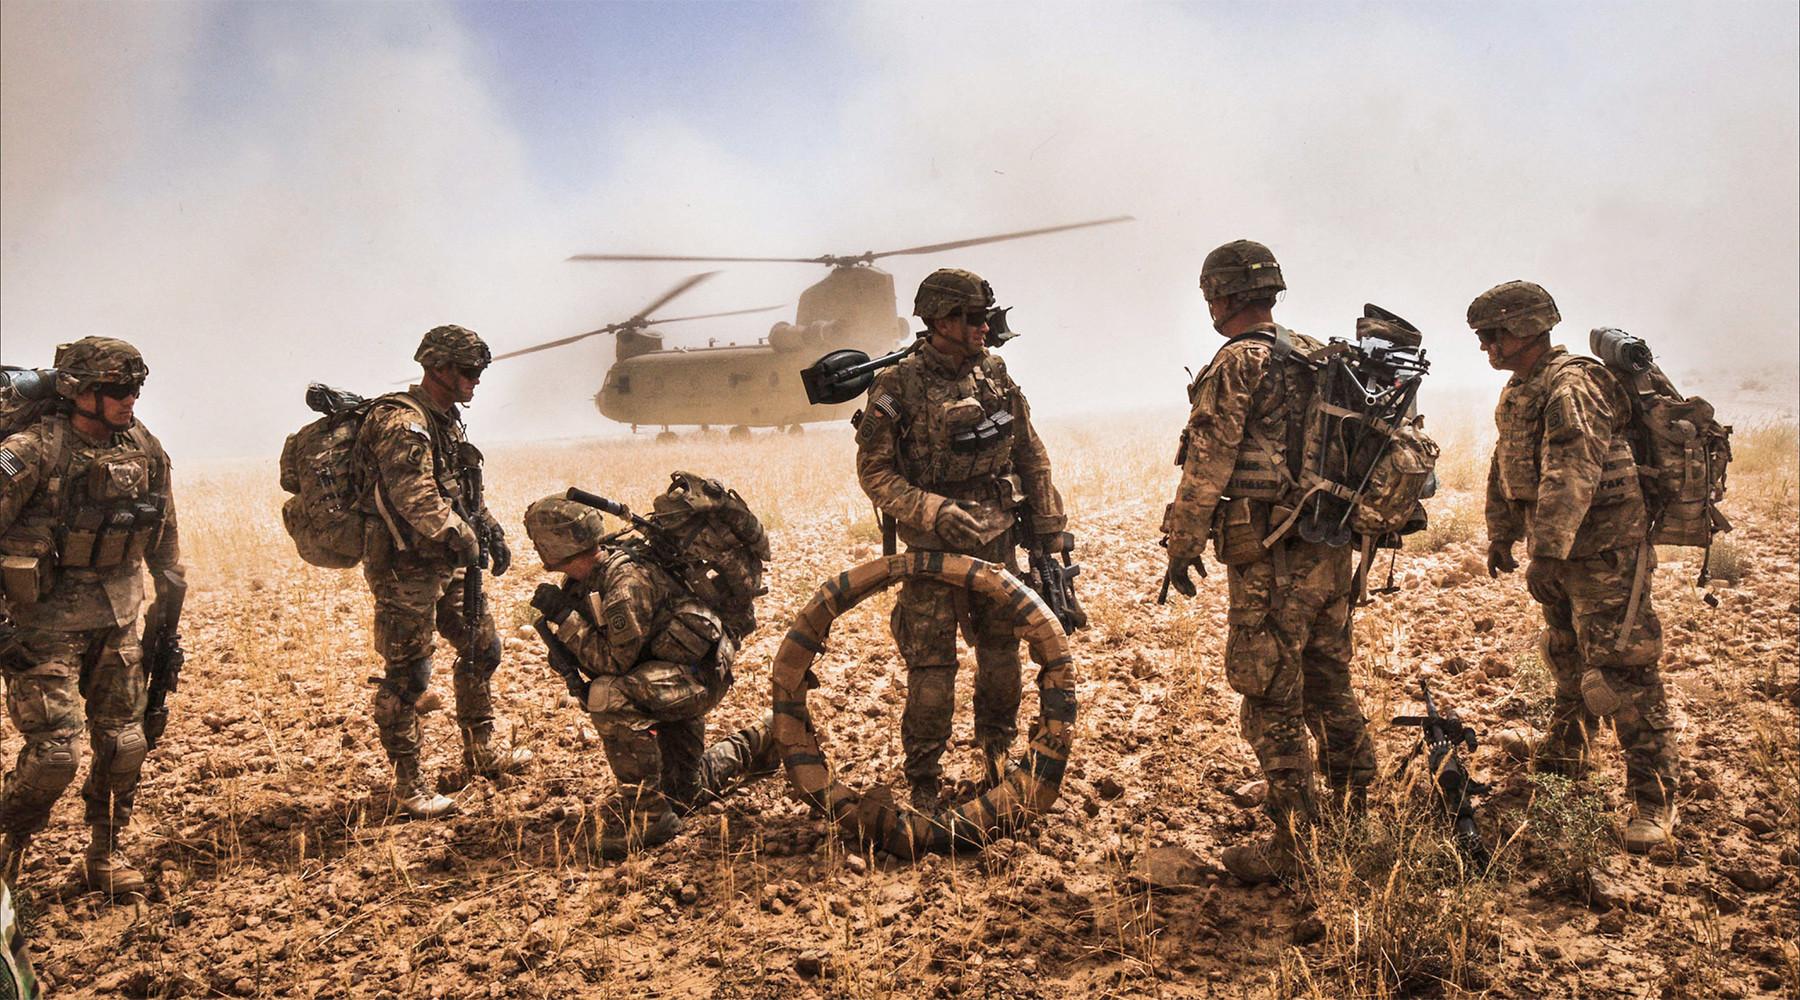 Вывести войска, однако соговорками: съезд США выставил ультиматум Трампу из-за Йемена